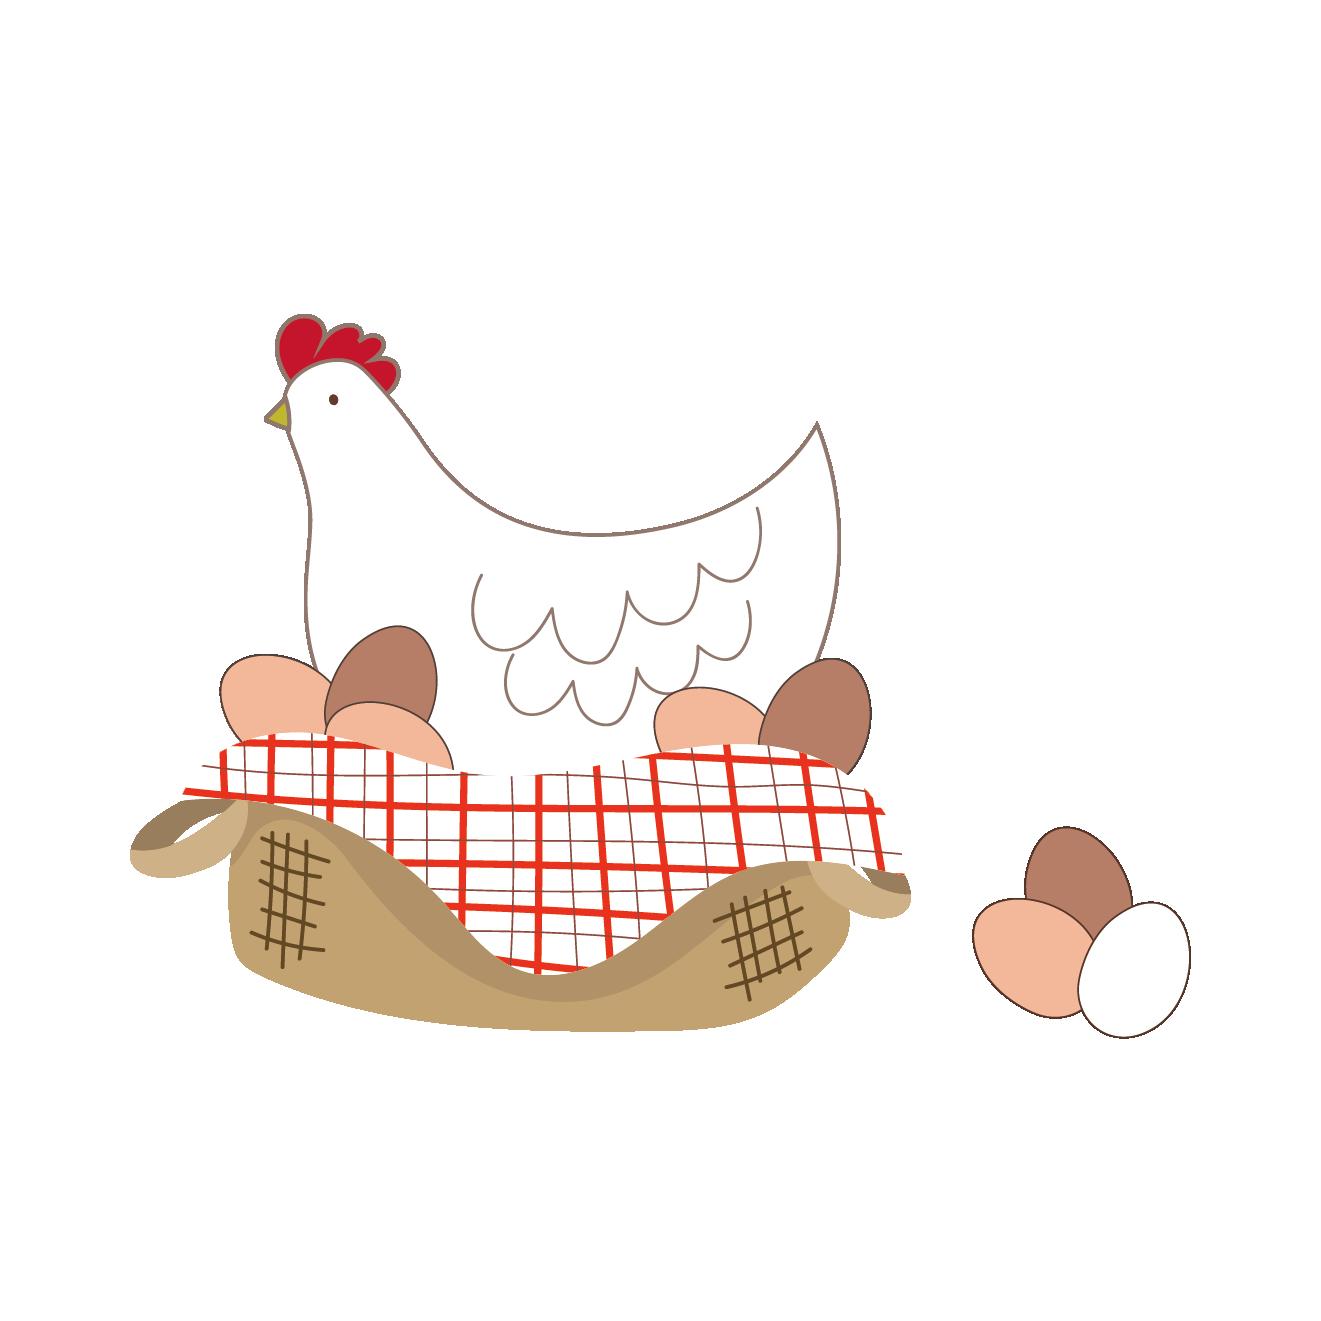 酉年・おしゃれでかわいいカゴに入った鶏と卵のイラスト | 商用フリー